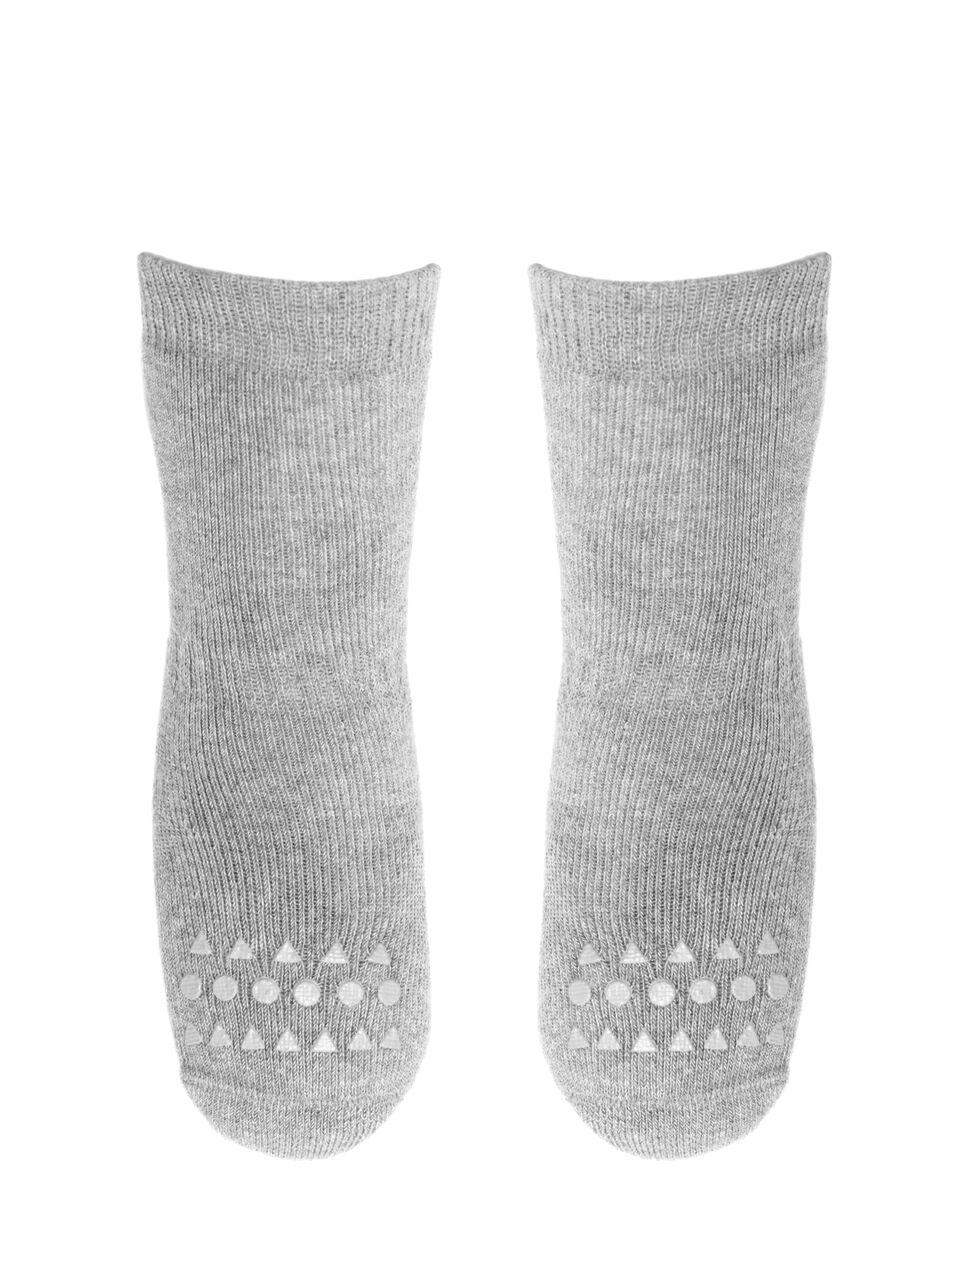 Šviesiai pilkos kojinaitės GOBABYGO 1-2 metų vaikams